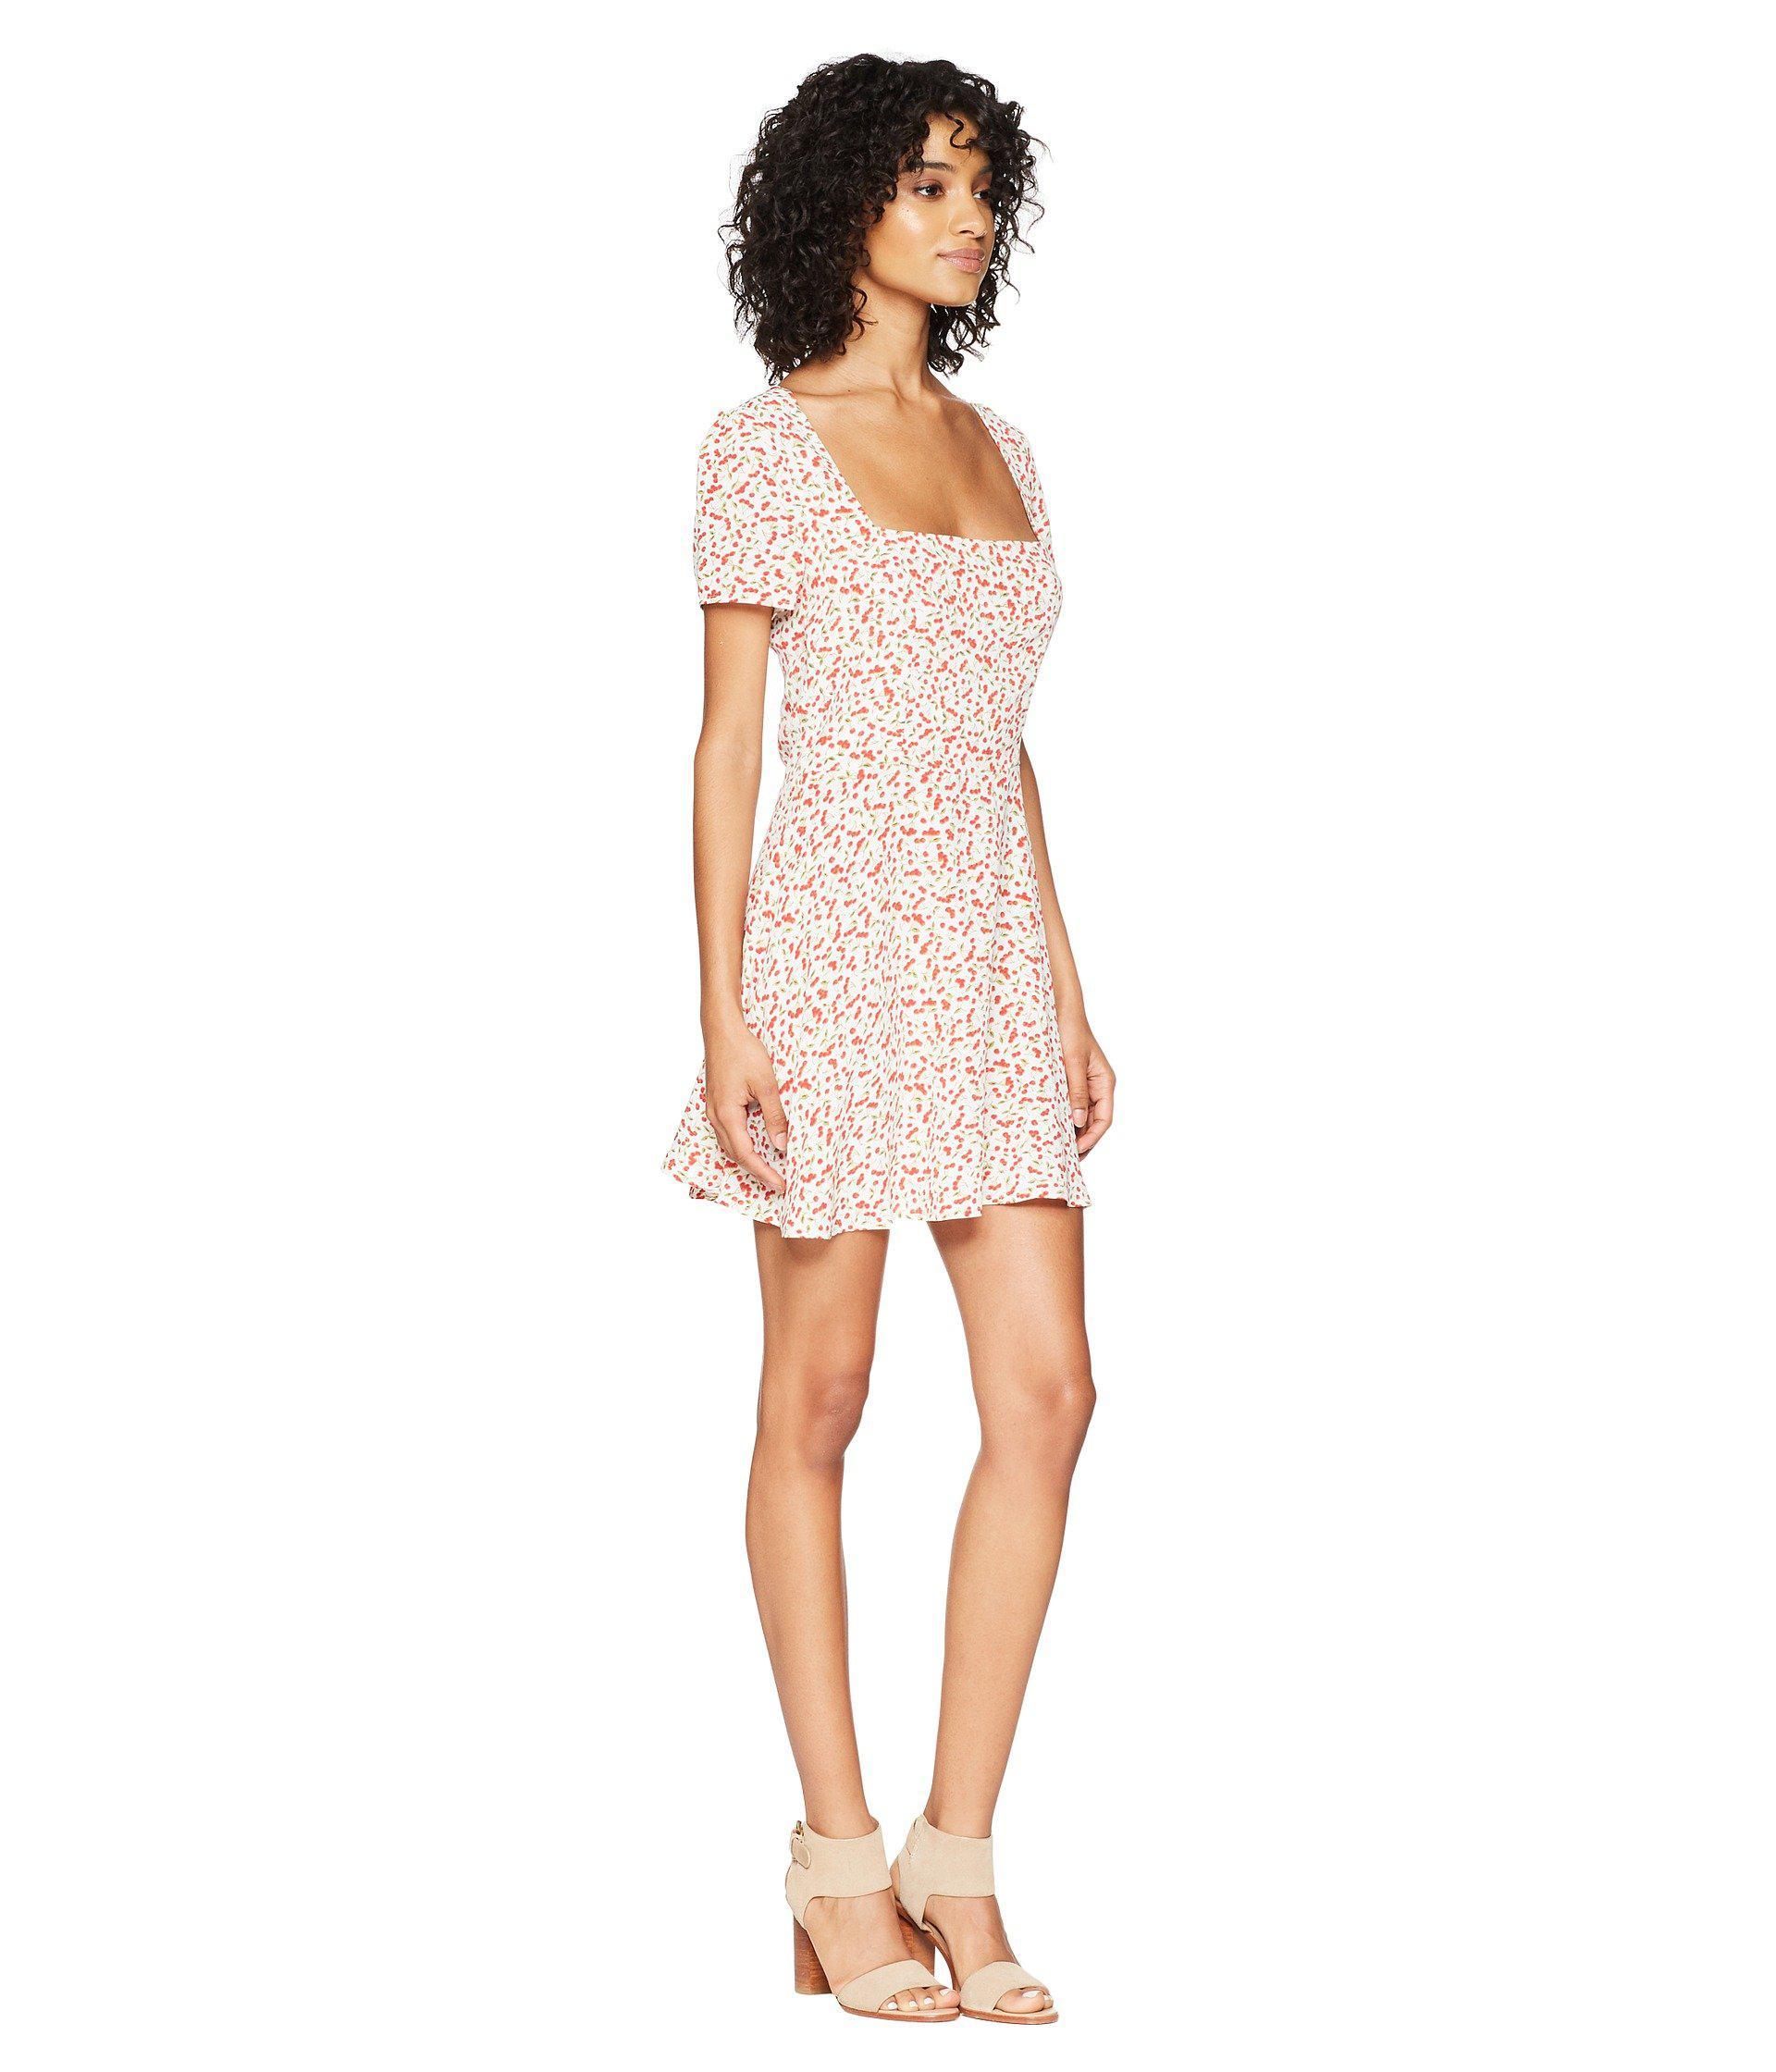 5e88519237ff4 Flynn Skye Maiden Mini Dress in Pink - Lyst